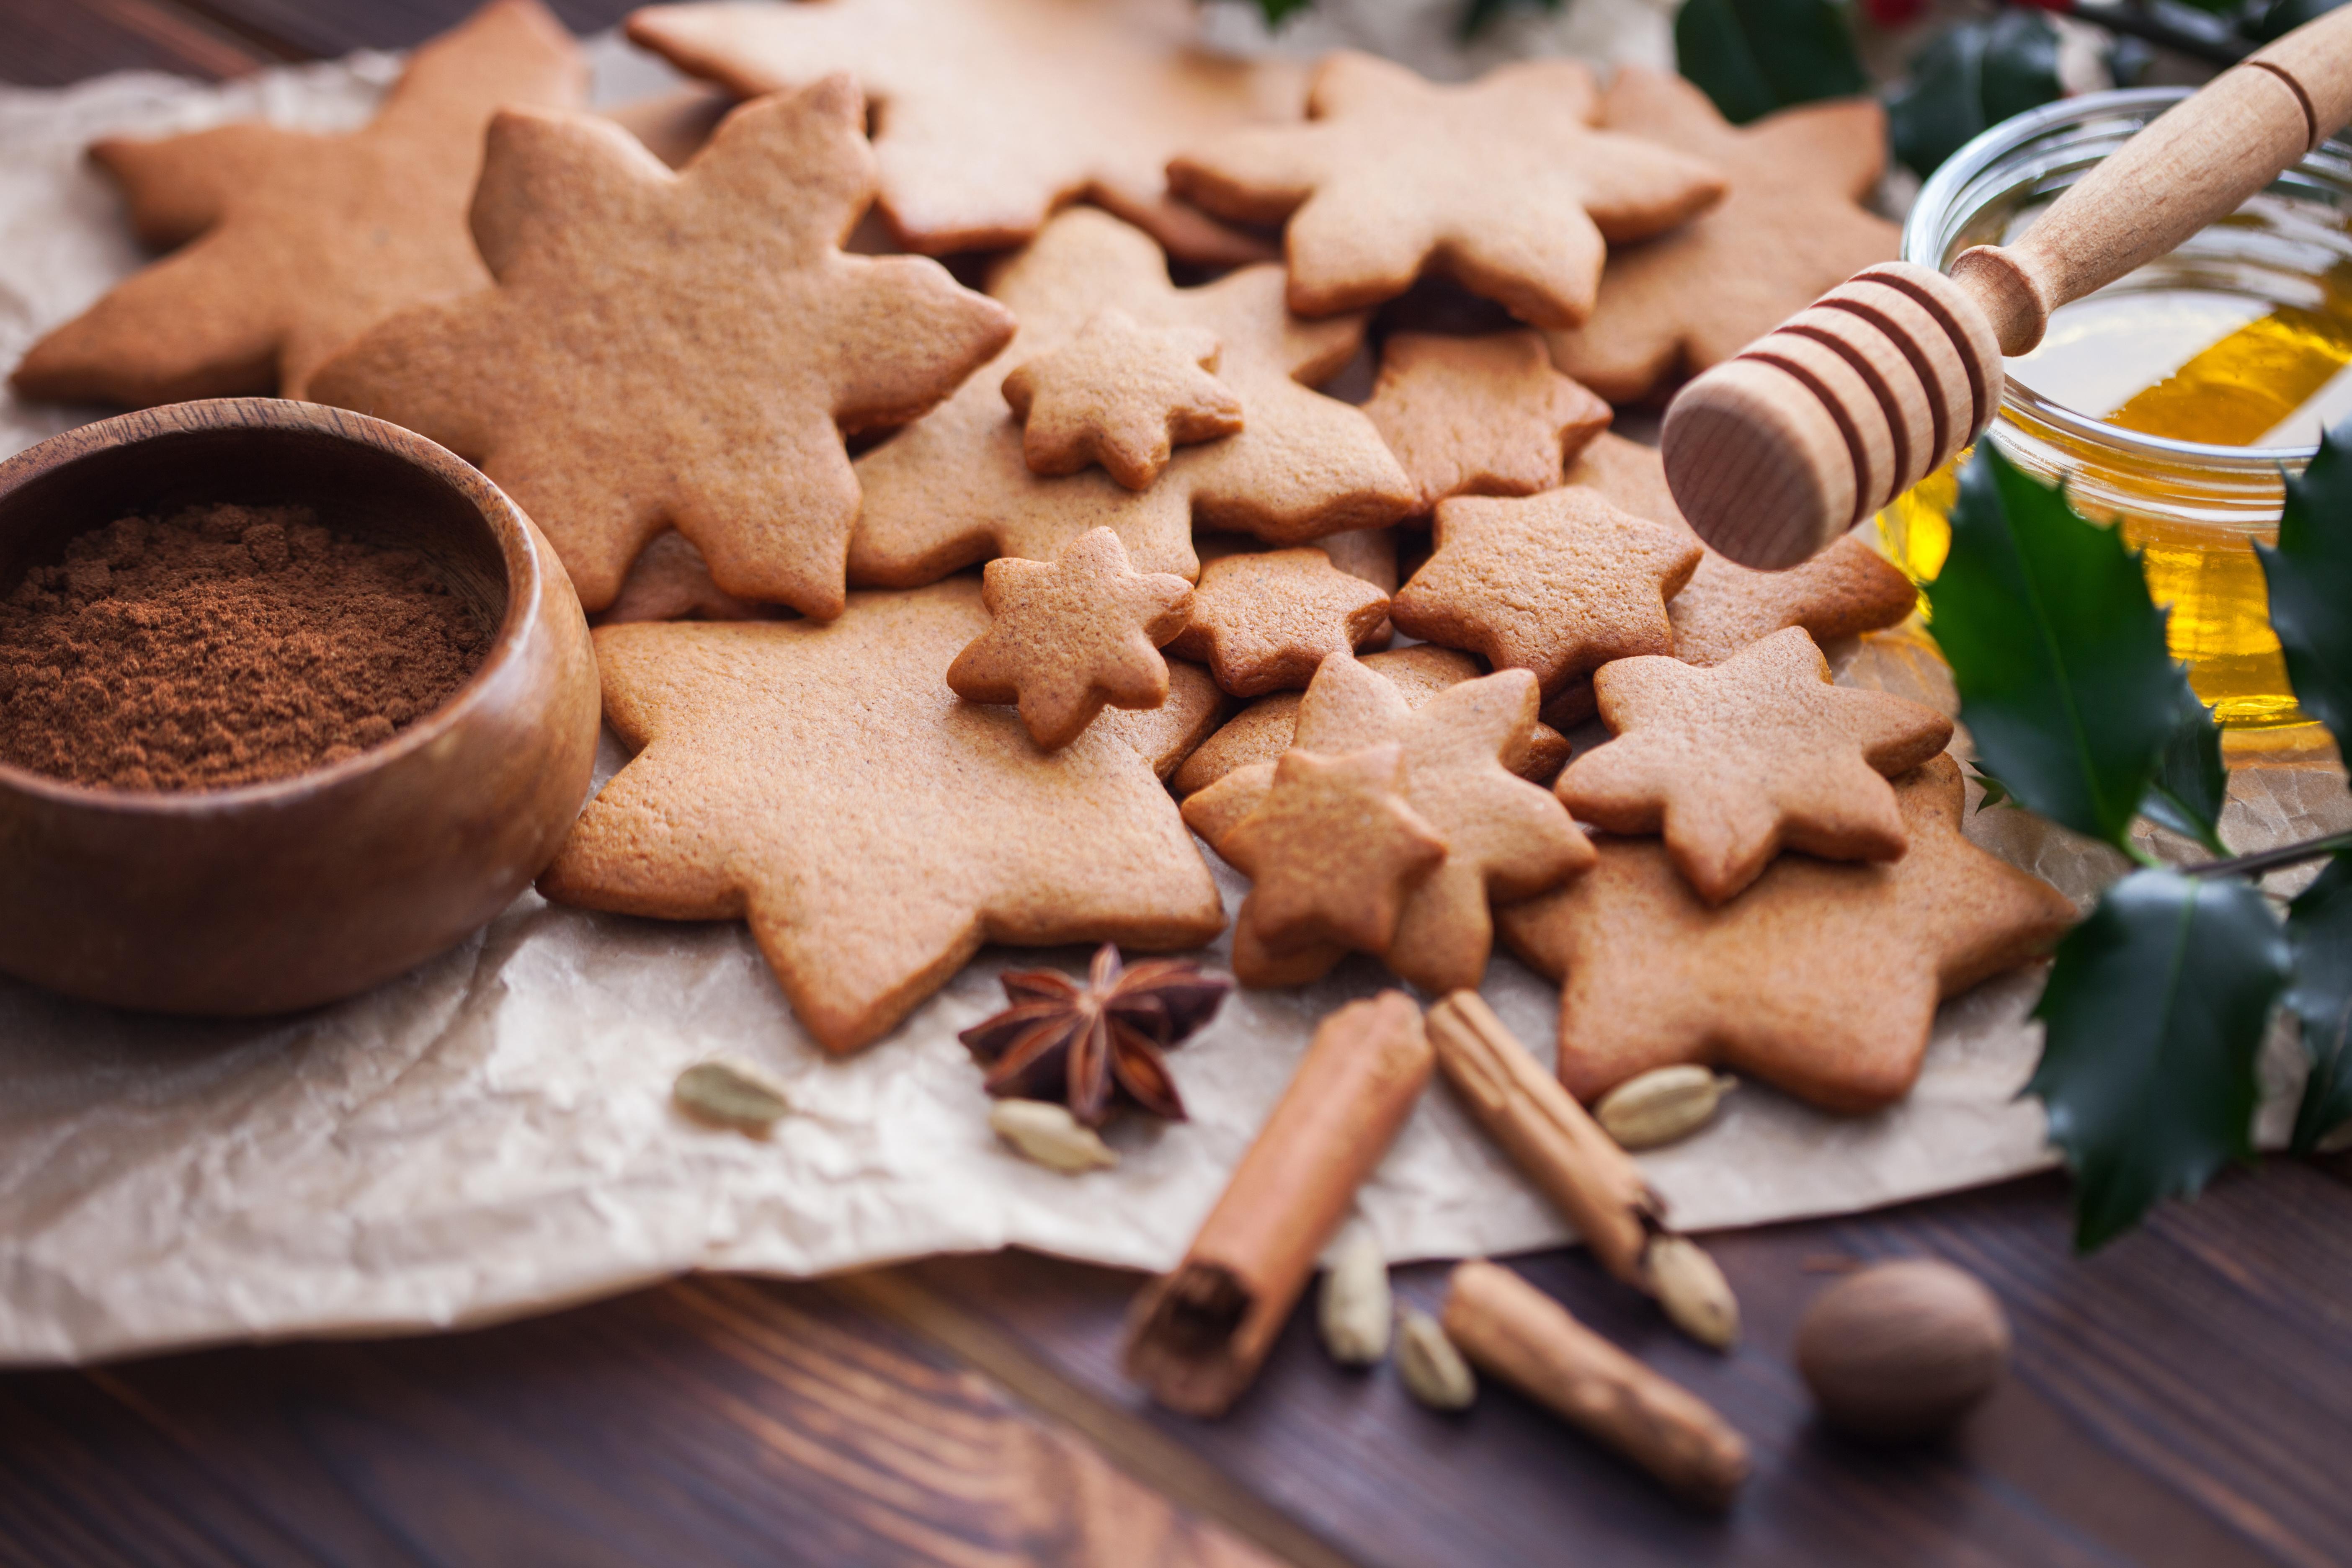 Lebkuchen / es duftet nach Weihnachten / Rauchmühle / Rauchmehl